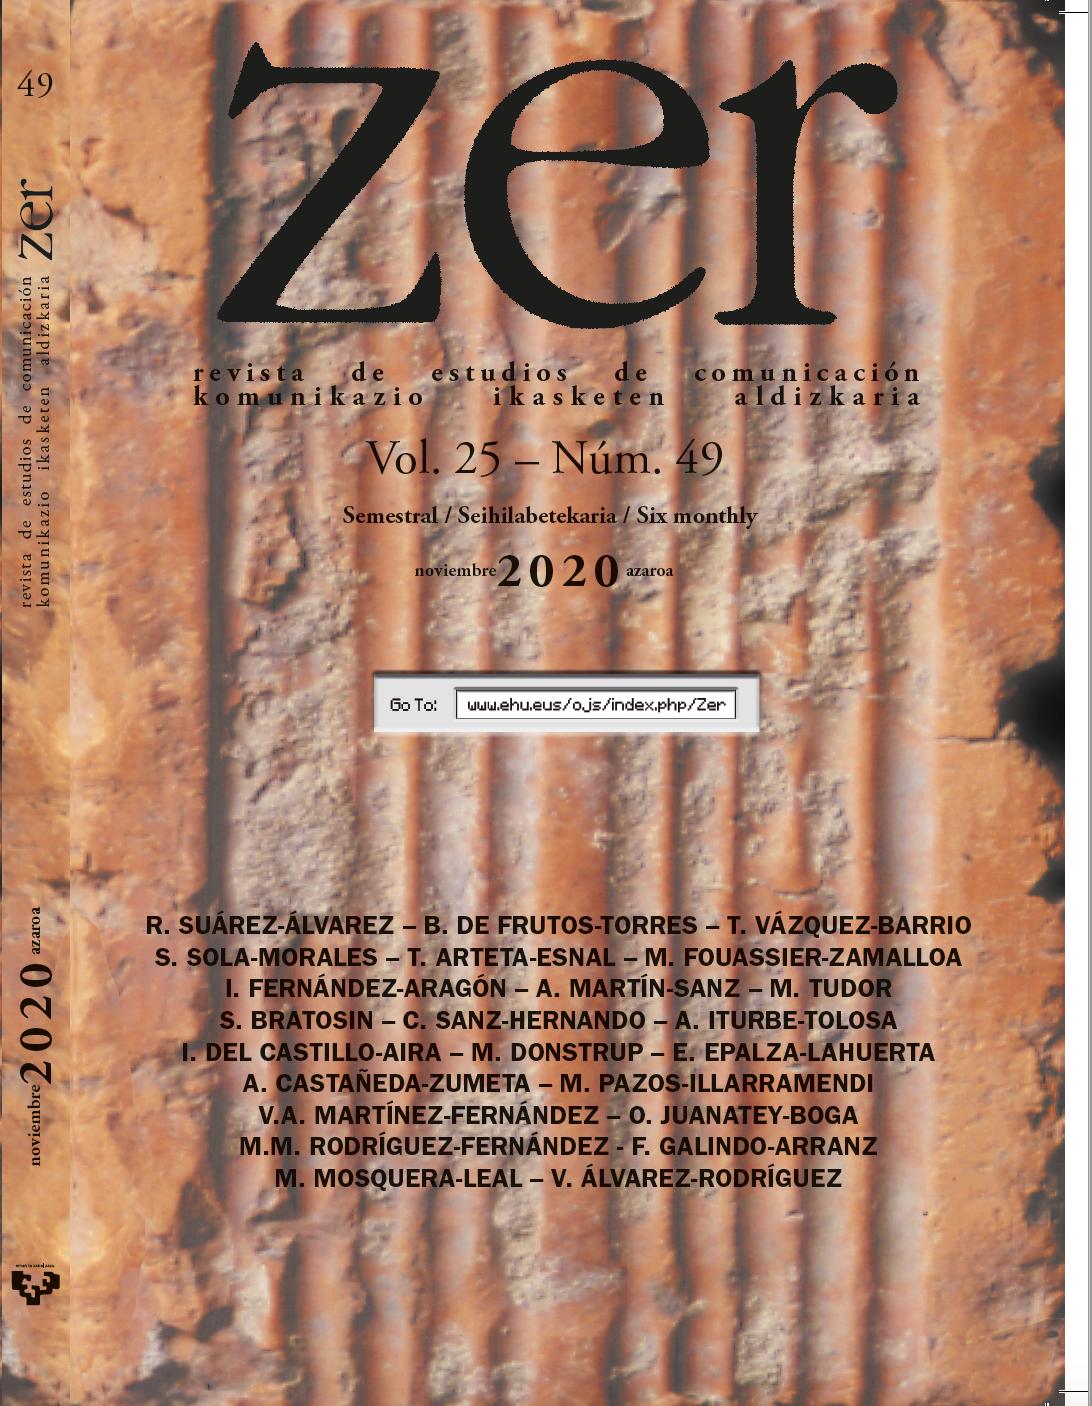 Imagen de la portada del número 49 de la revista ZER